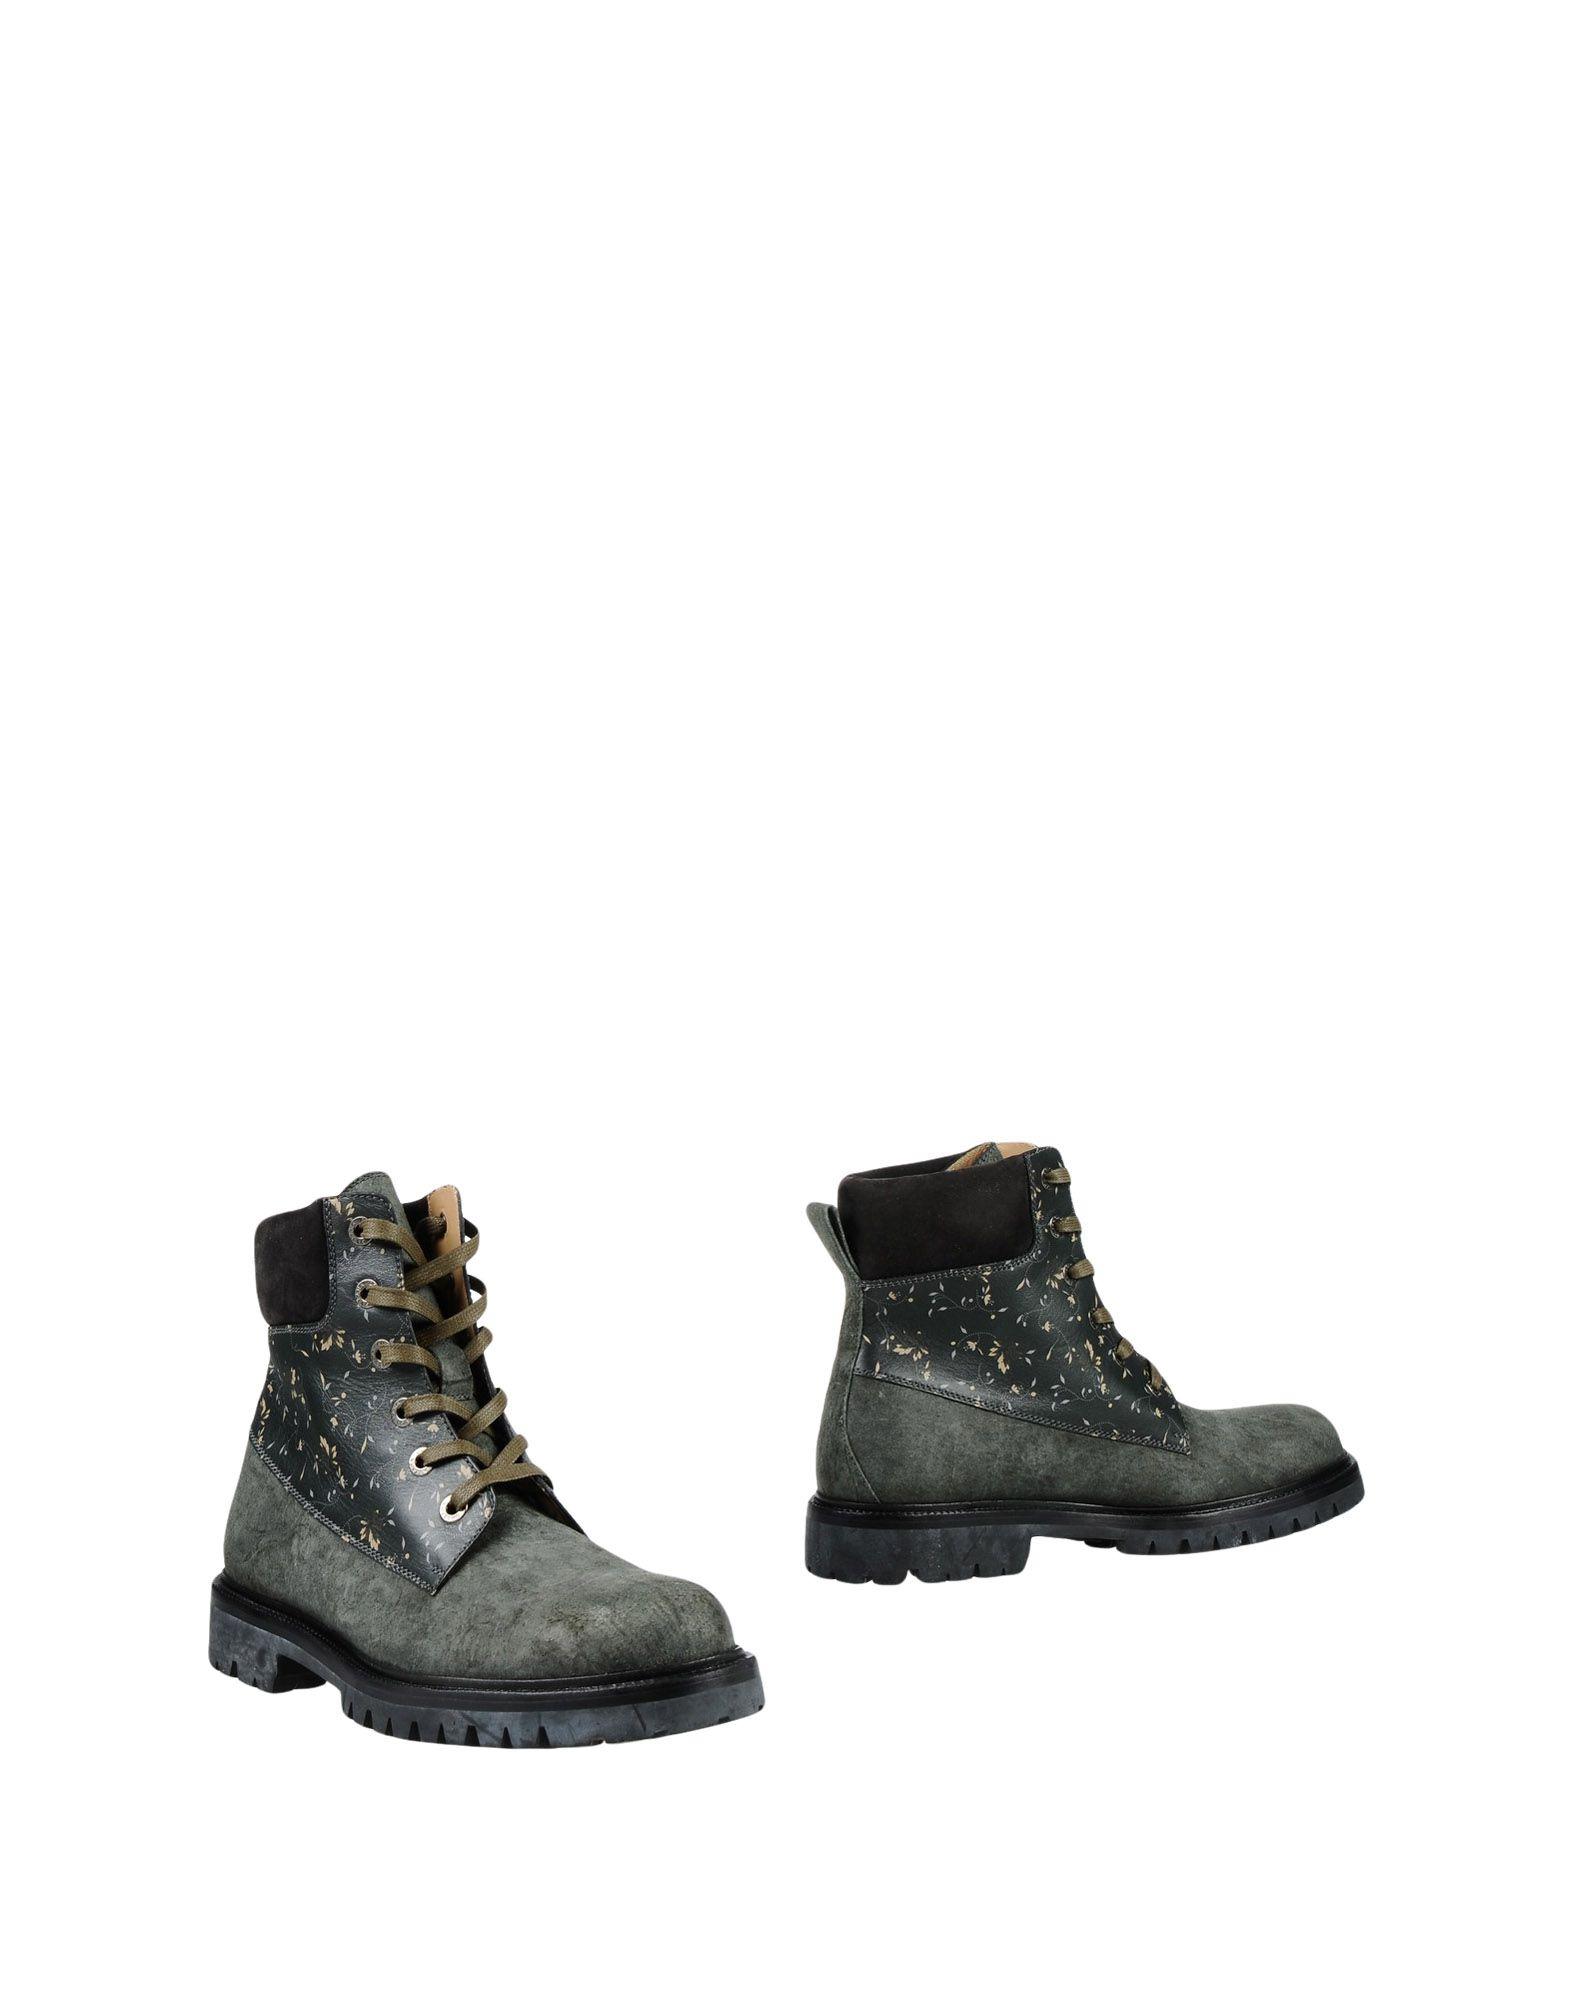 Dolce & Gabbana Qualität Stiefelette Herren  11400965WM Gute Qualität Gabbana beliebte Schuhe 0eaed2